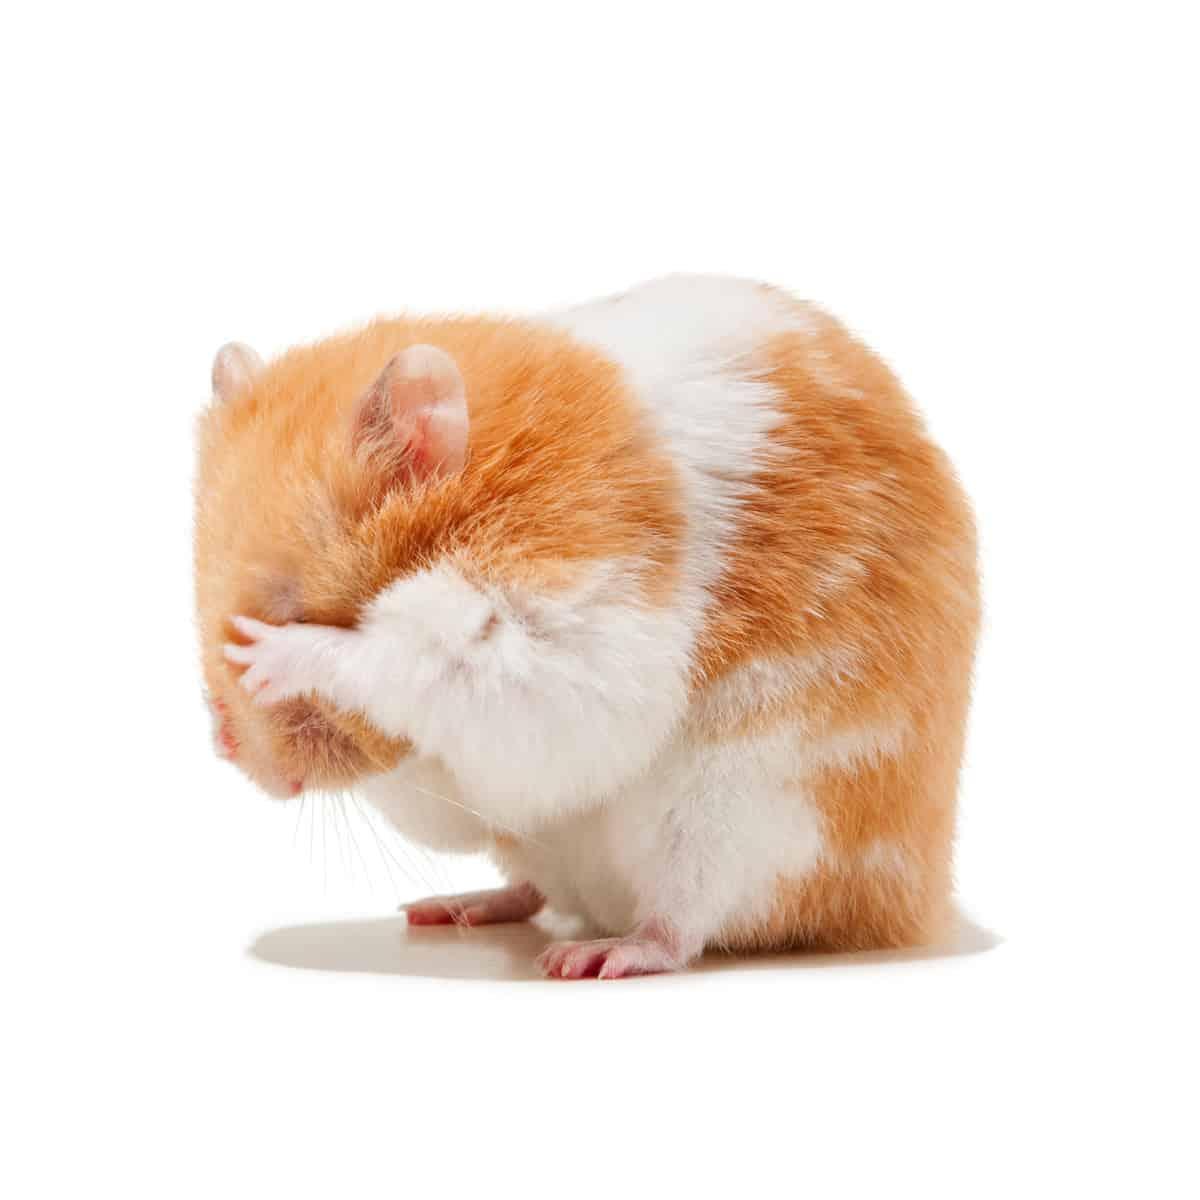 Hamster plays hide and seek